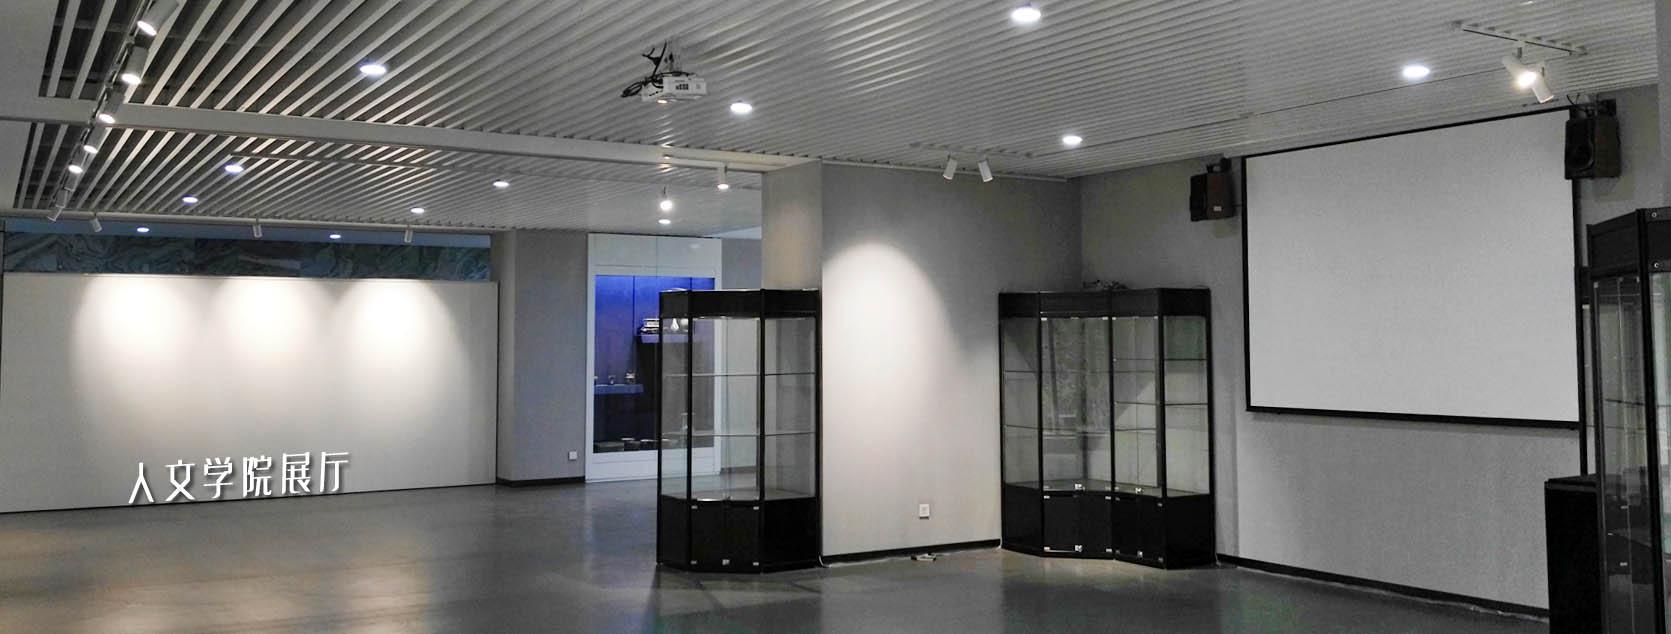 人文学院展厅